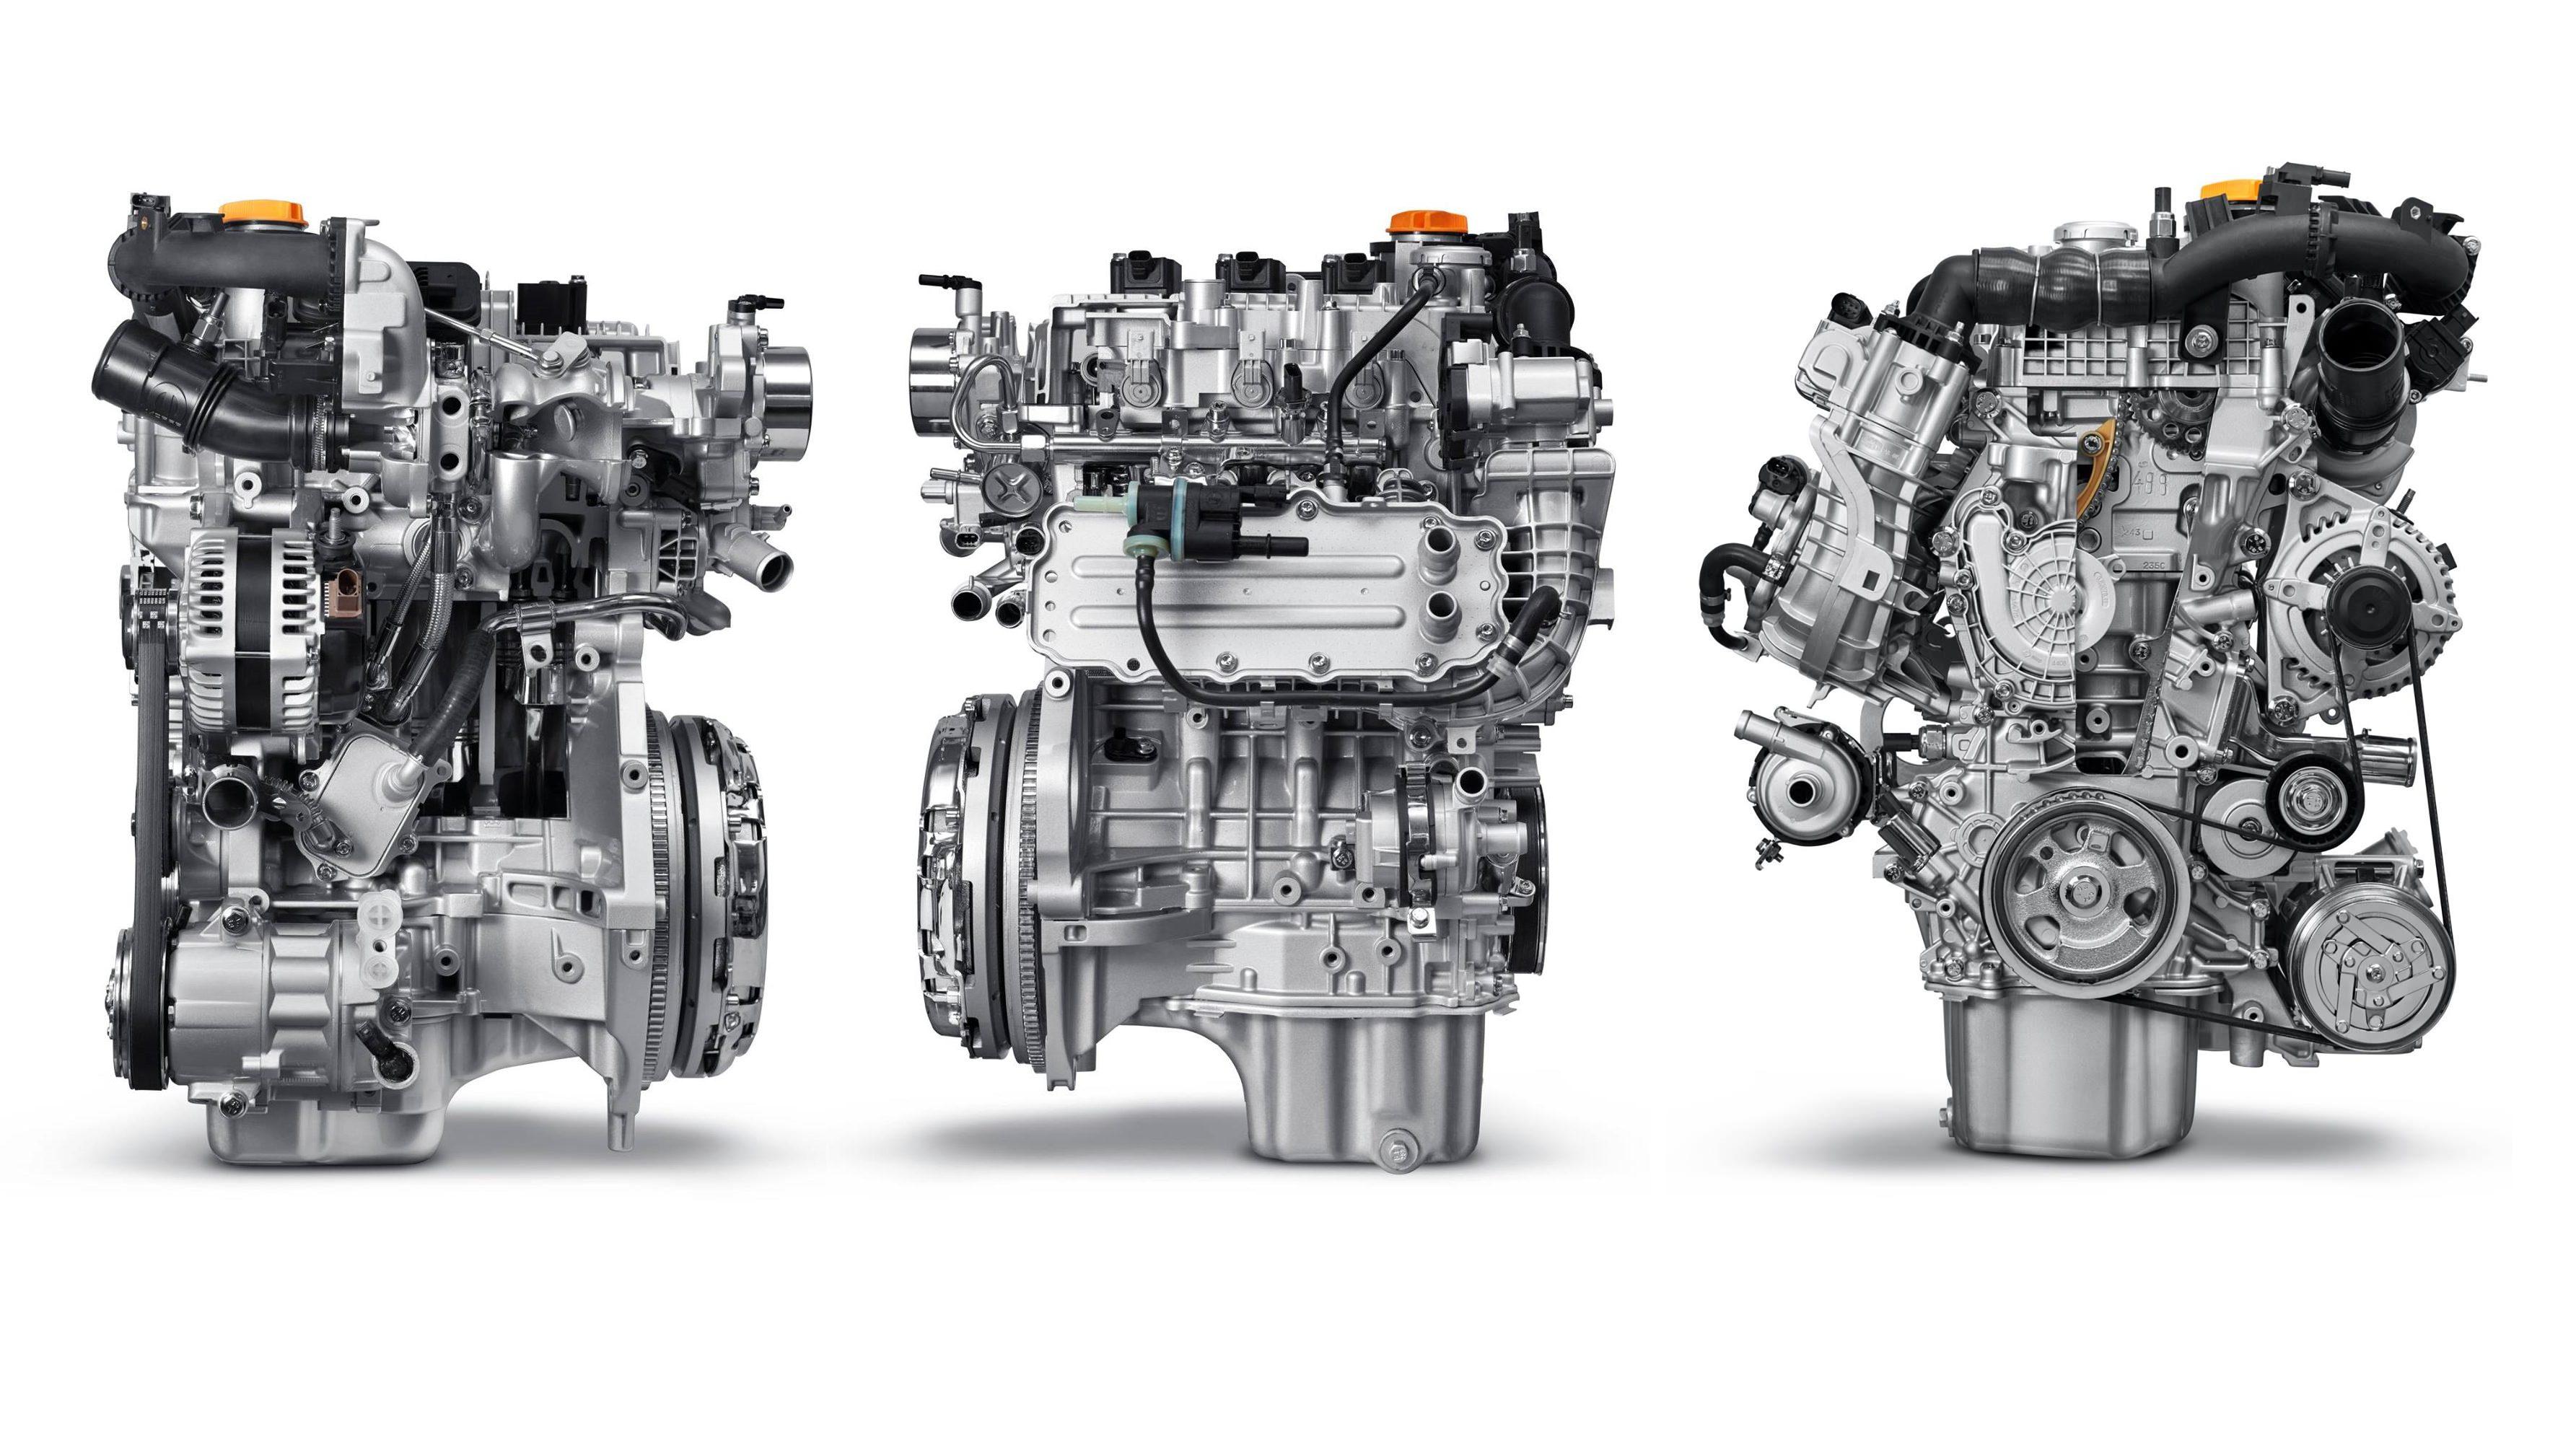 Motor-GSE-T3-1.0-Turbo-e1616434155195.jpg